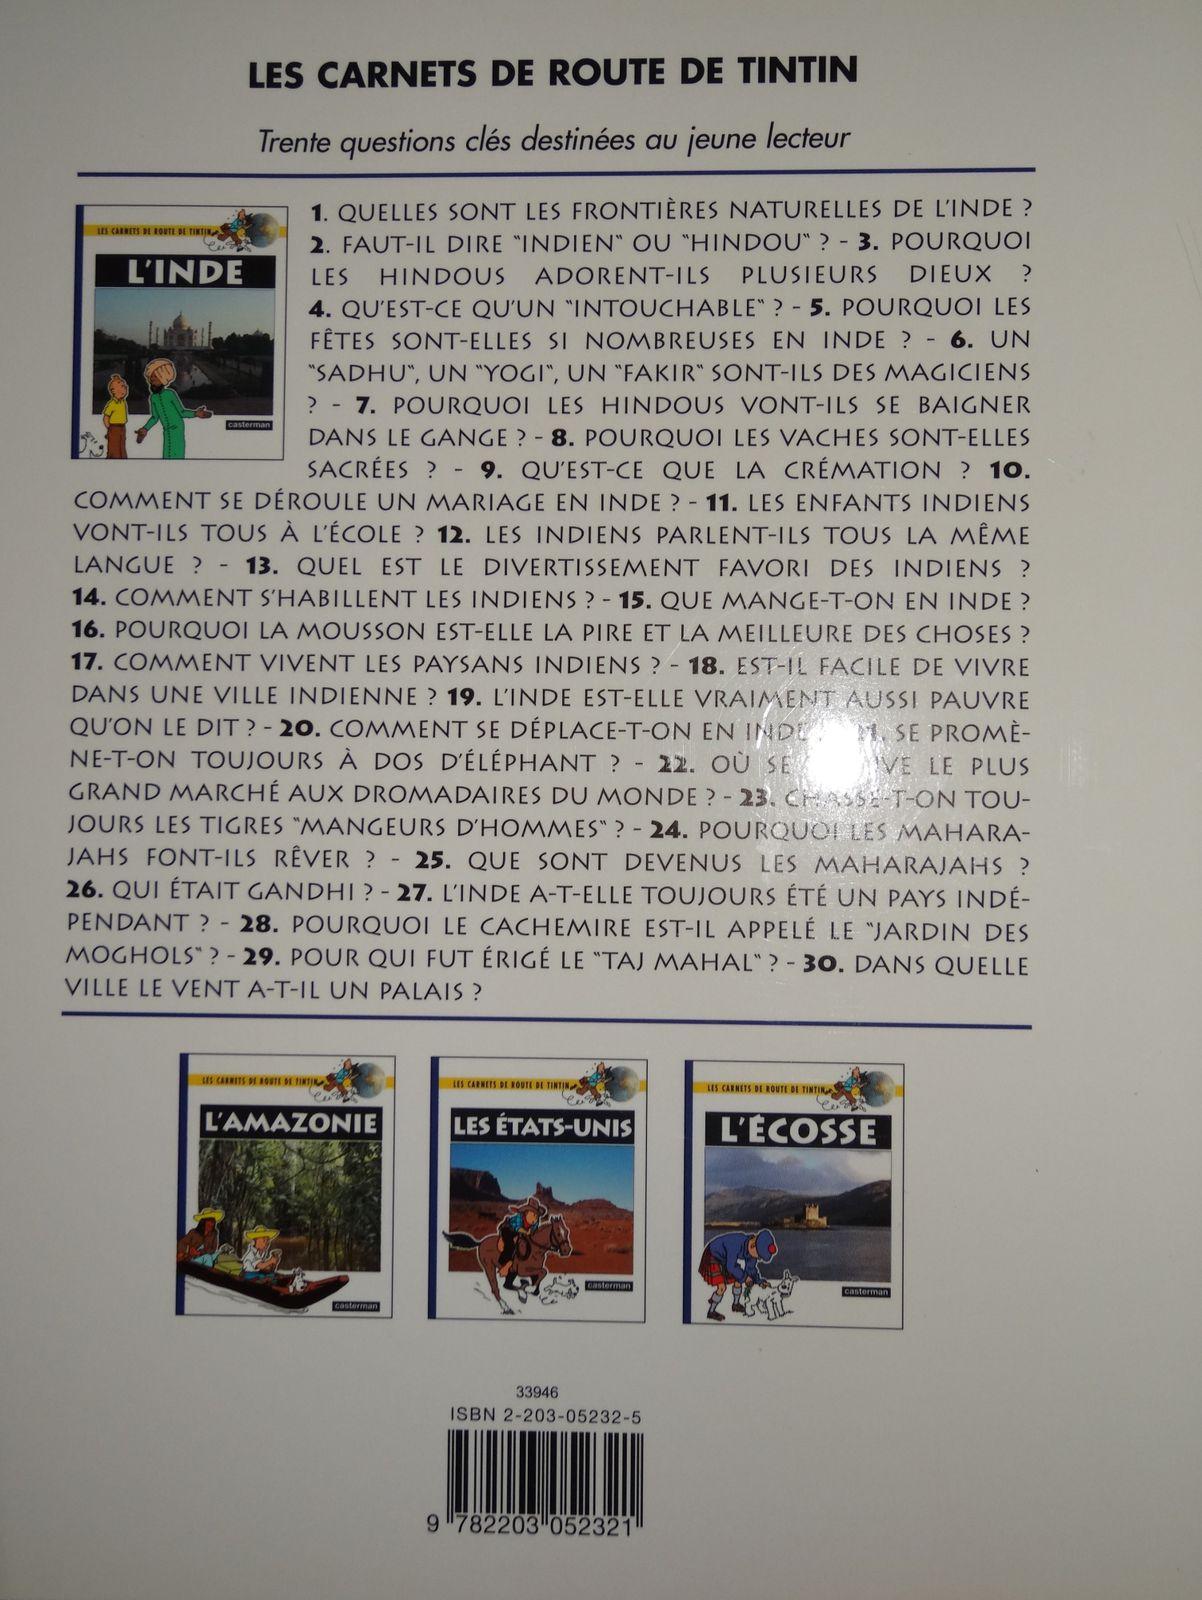 L'Inde - Les carnets de route de Tintin